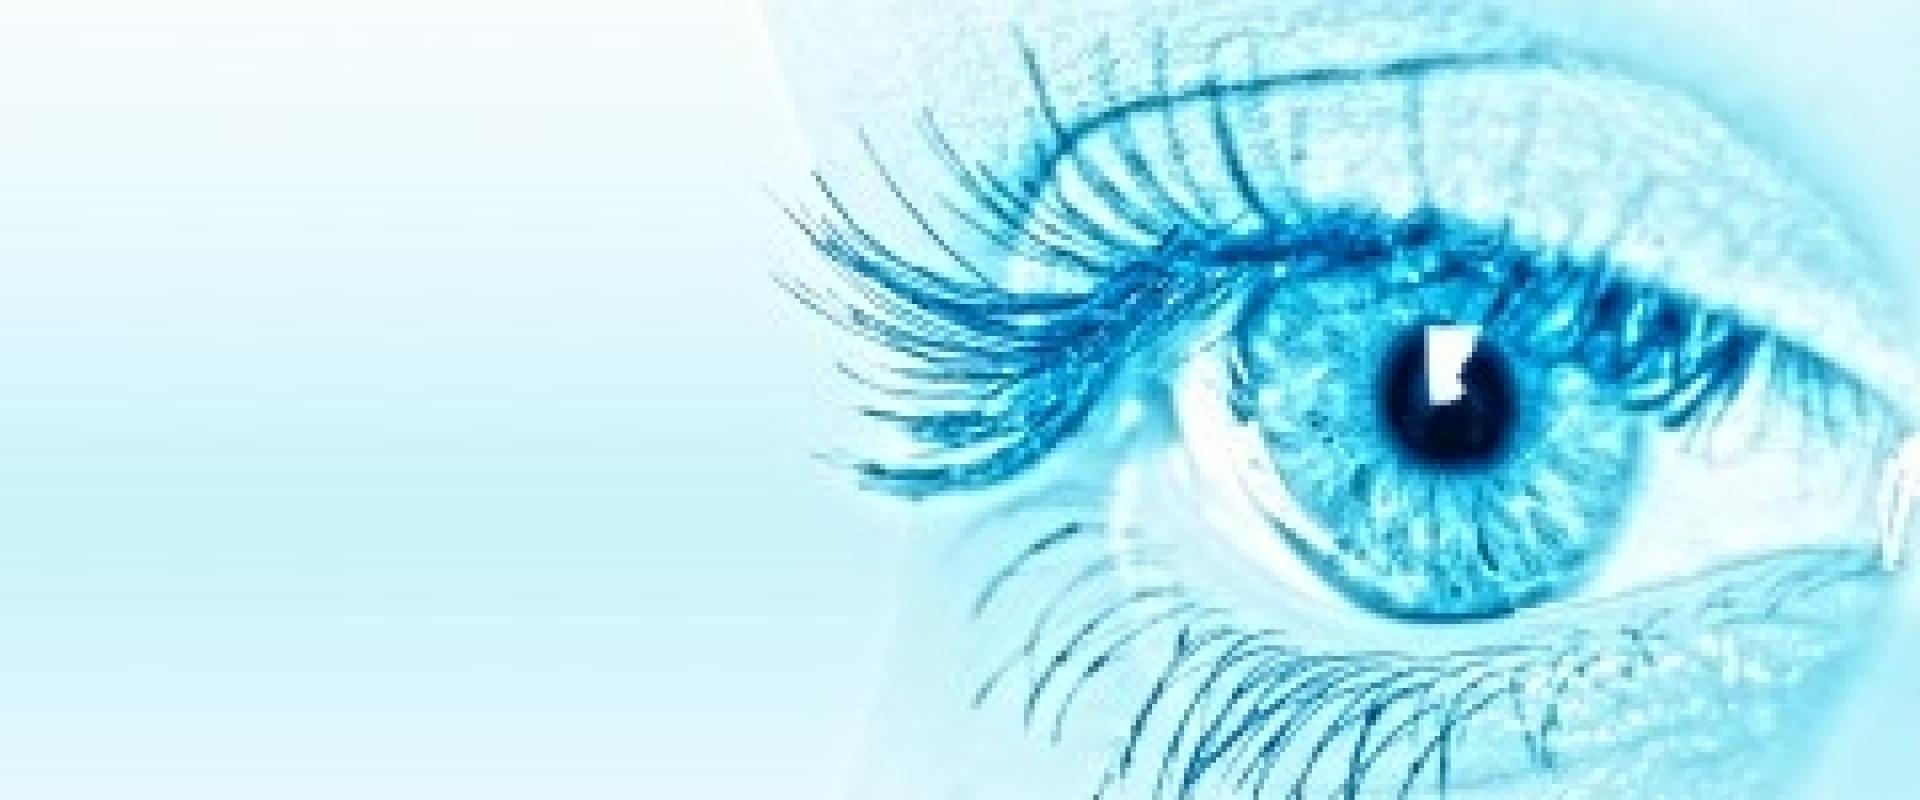 Reinig je ogen door leverreiniging